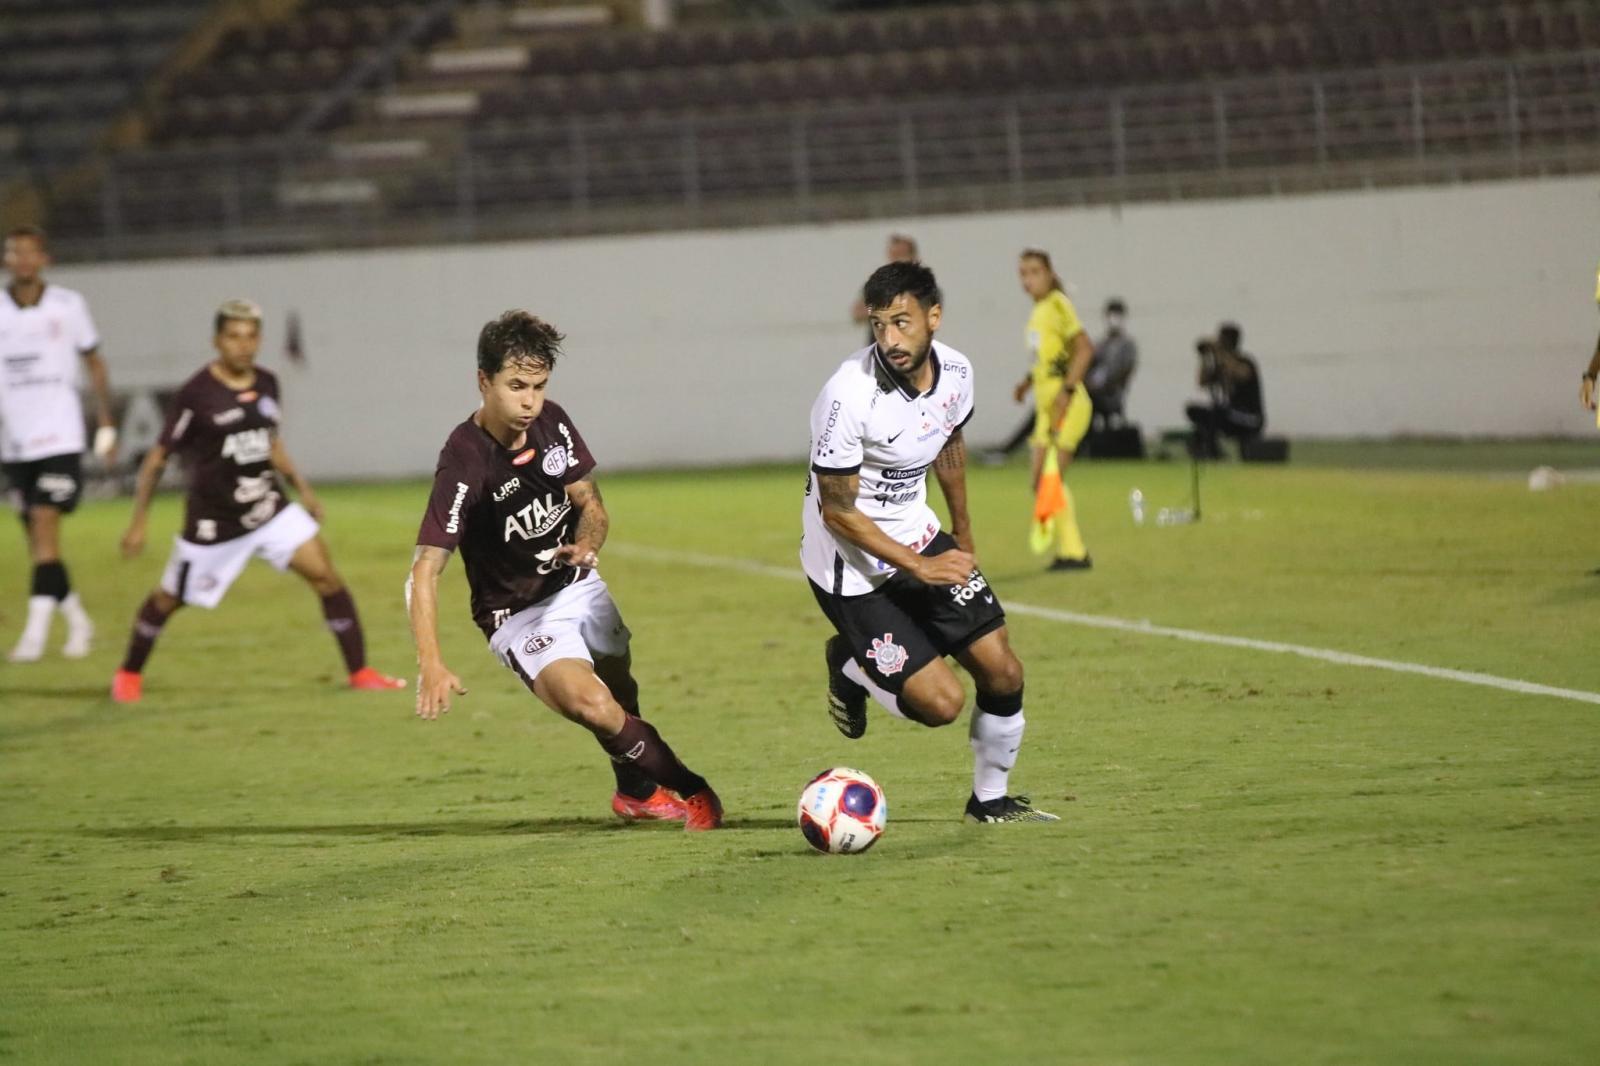 Luan 'acorda' no 1º tempo, mas Corinthians perde invencibilidade em Araraquara